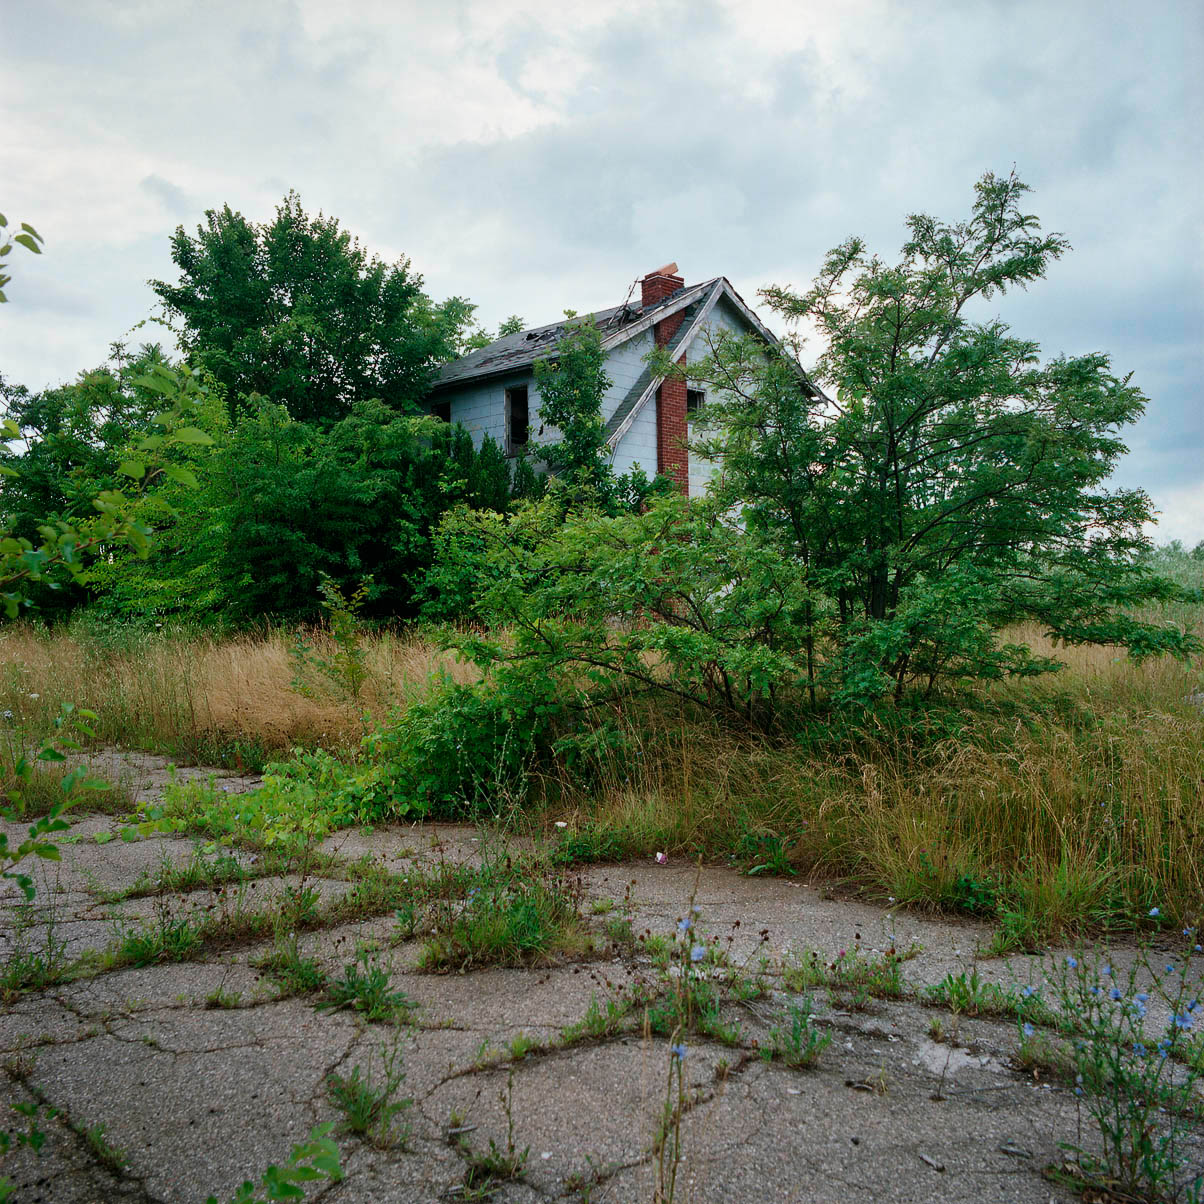 The Abandoned Neighborhood Of The Week